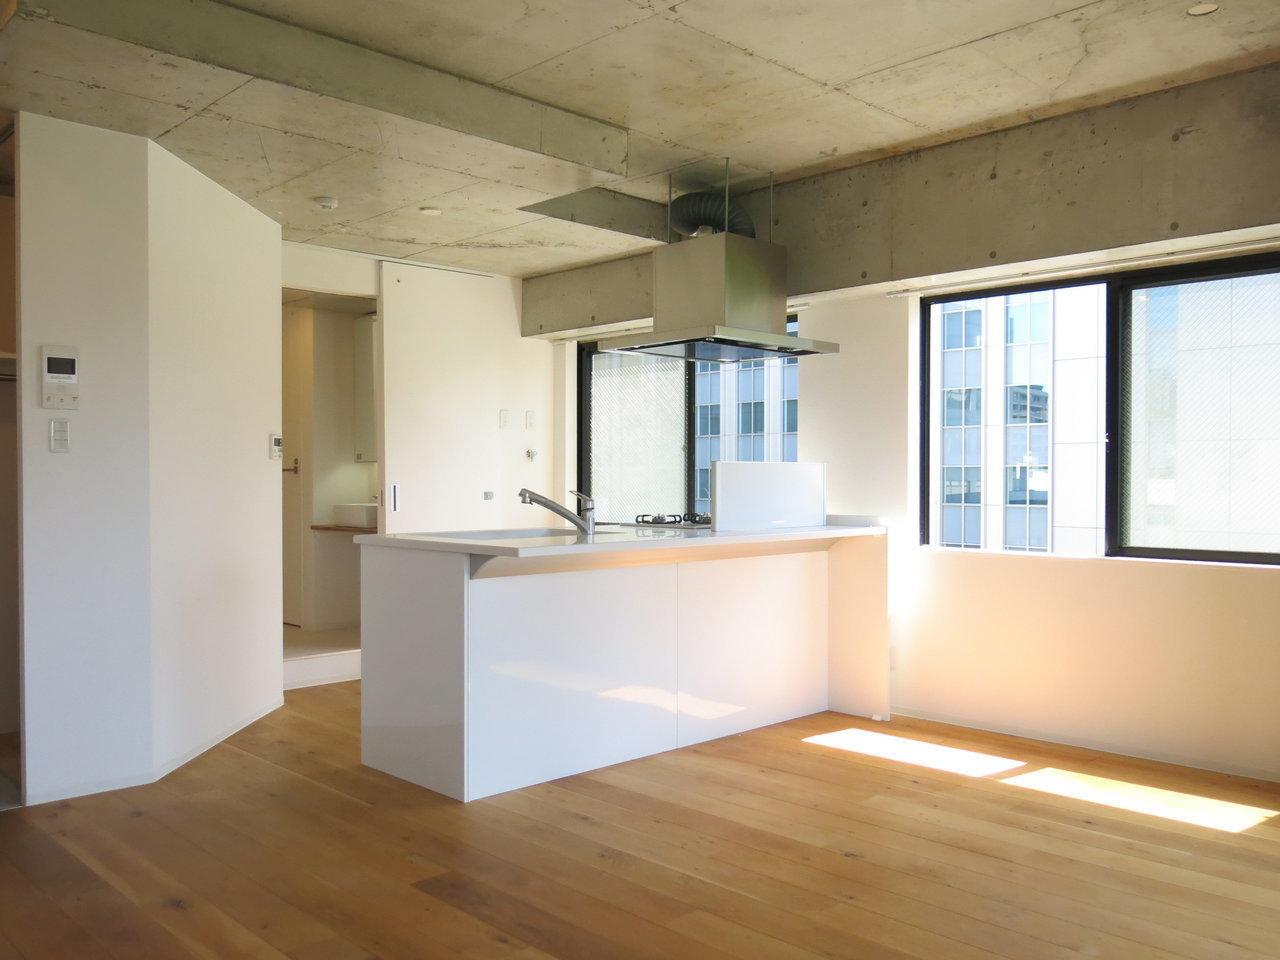 リビング全体はこんな感じ。キッチン側まで窓が広がっているのでとっても明るく感じます。休日の昼間、ここでパスタを作りたい……(※写真は6階同間取りのもの)